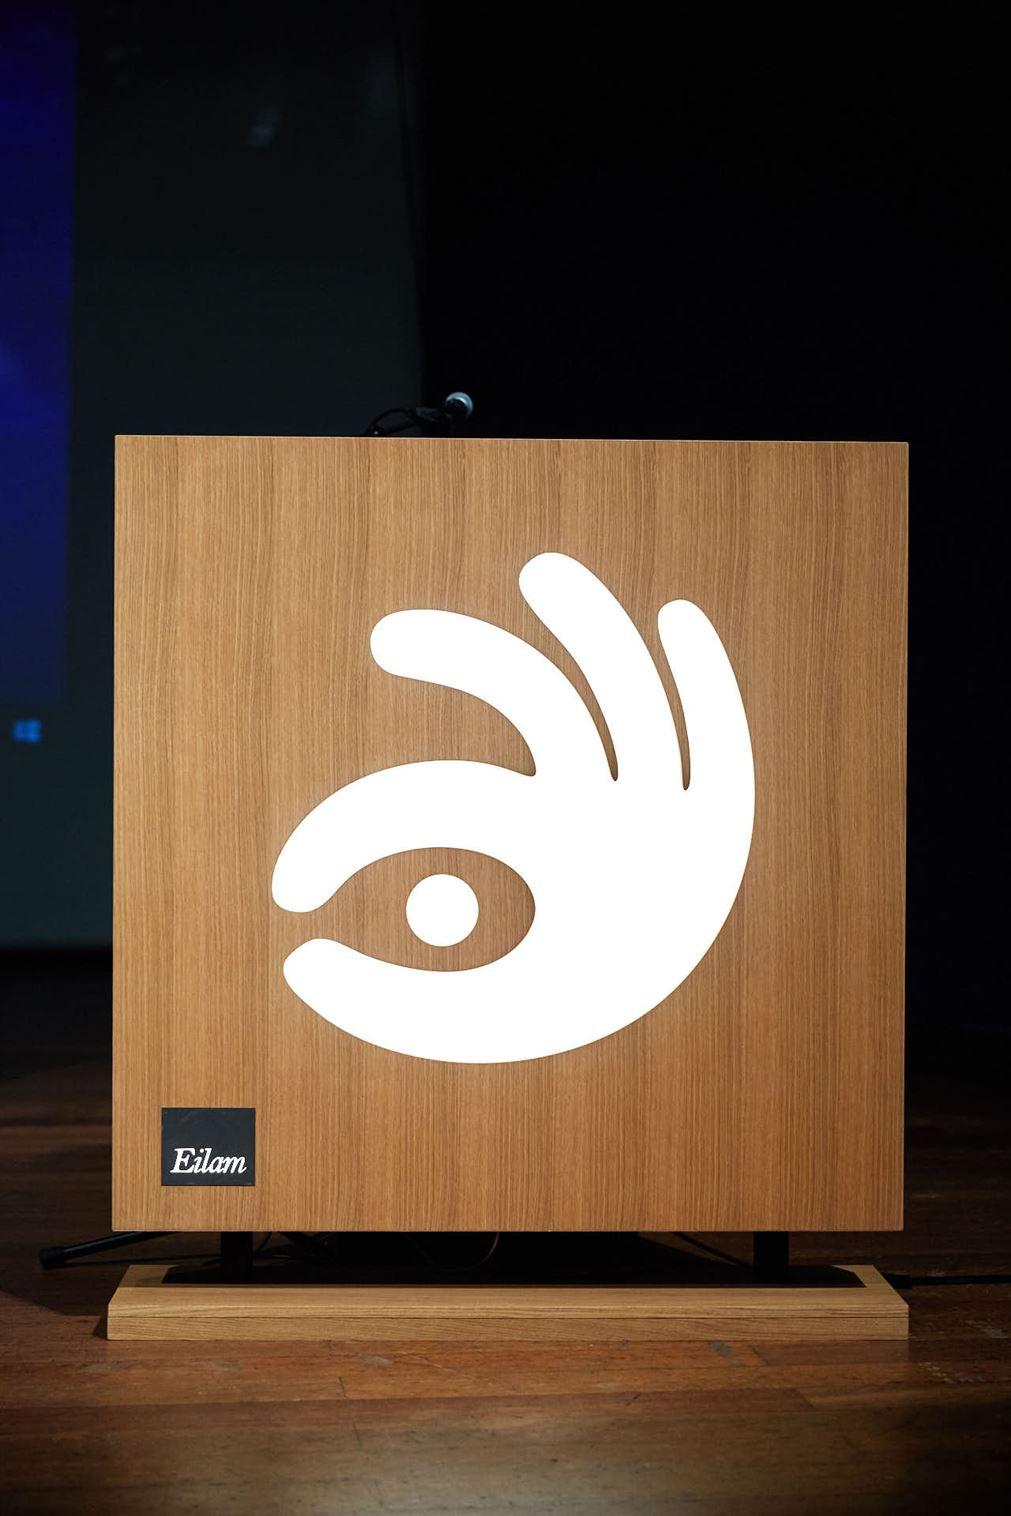 הפודיום שעל הבמה, בוצע על ידי נמרוד עילם, בטכנולוגיה המיוחדת שלו, הטונוס